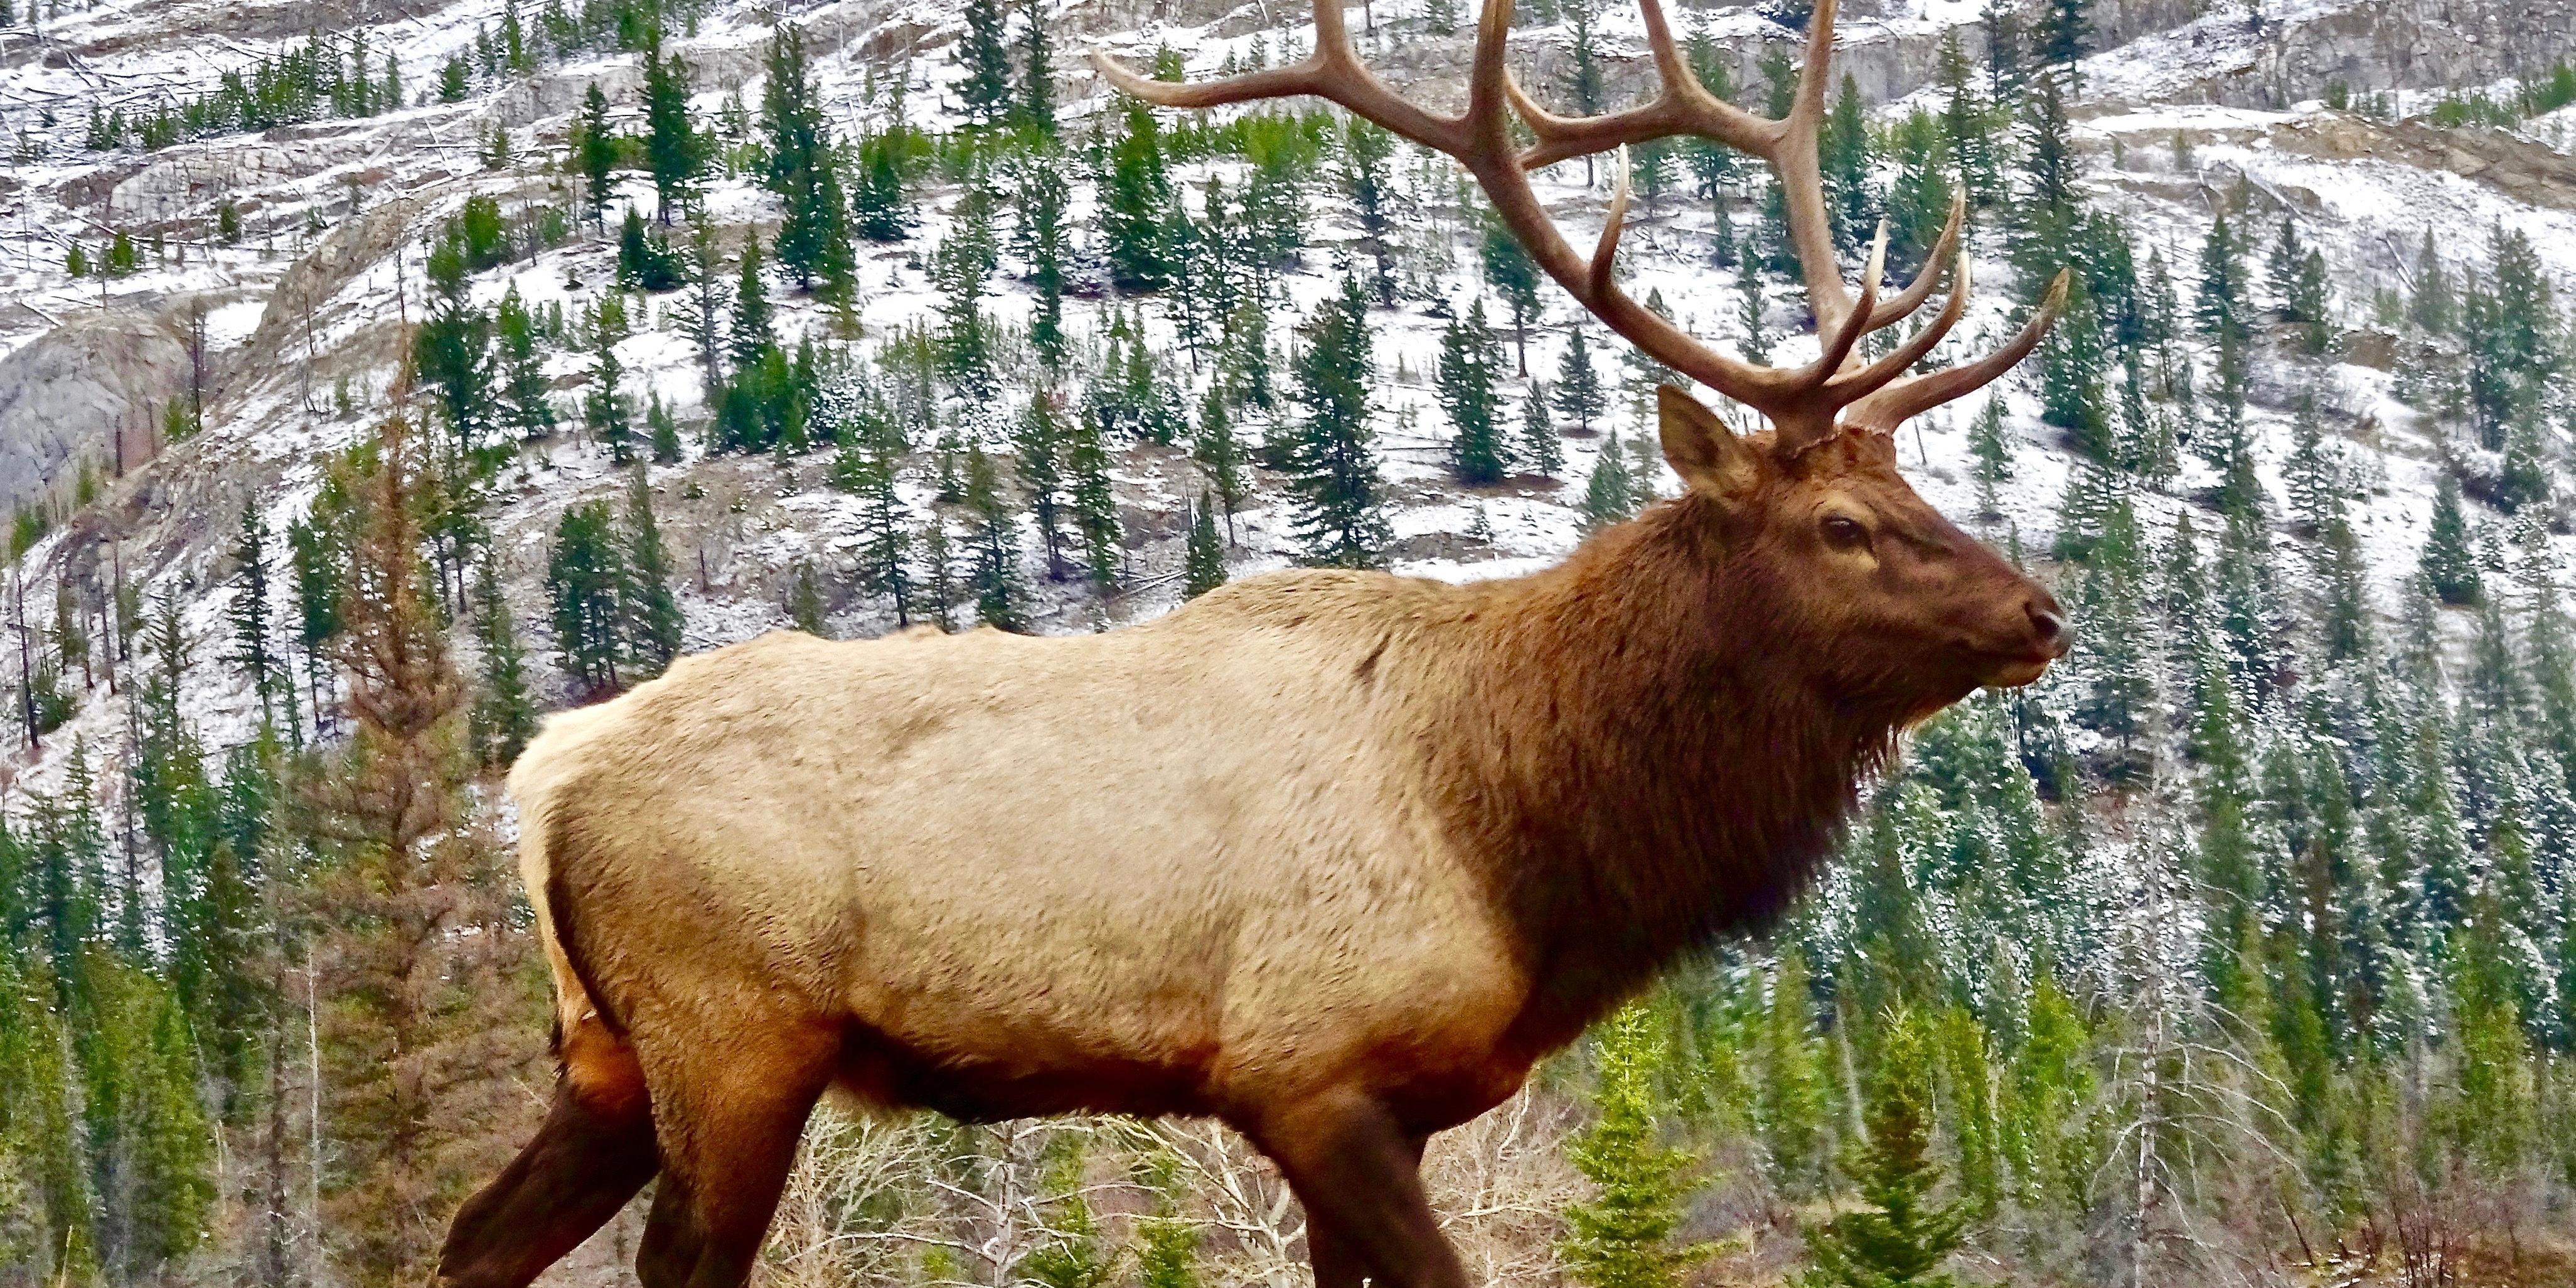 un-ciervo-herido-acometio-contra-cazador-que-lo-perseguia-y-puso-fin-su-vida